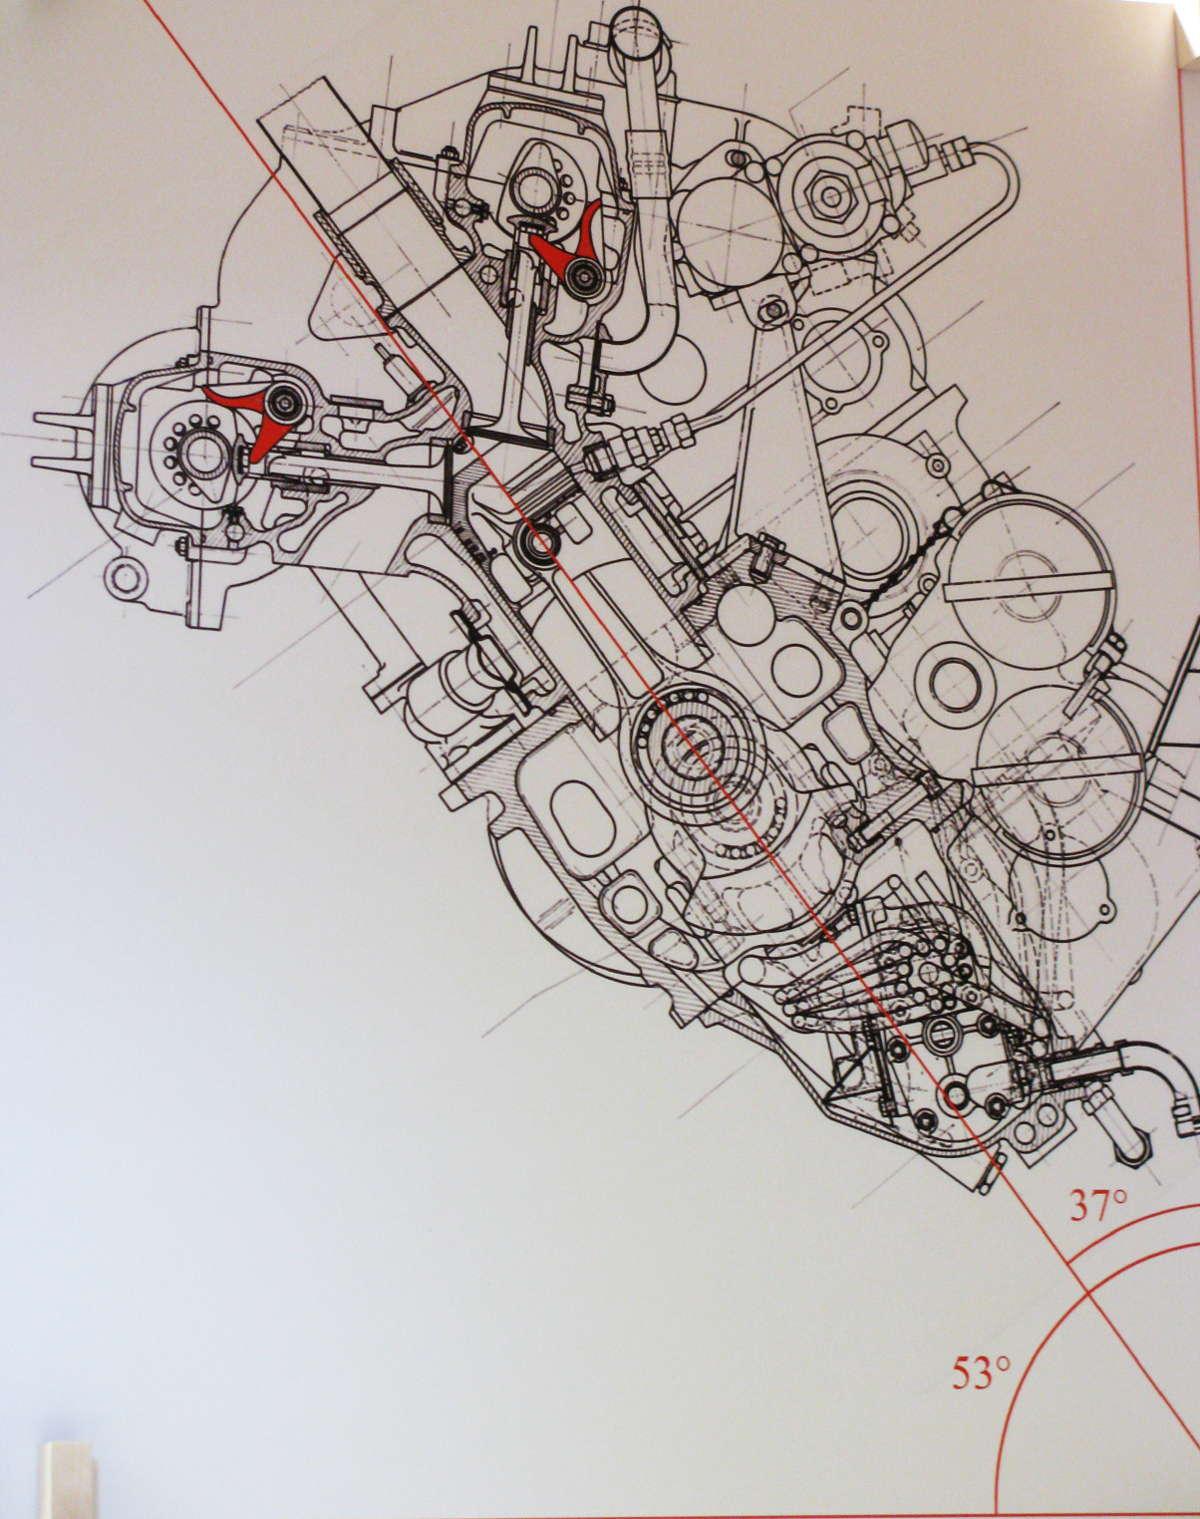 Ottonero on Knucklehead Engine Drawings